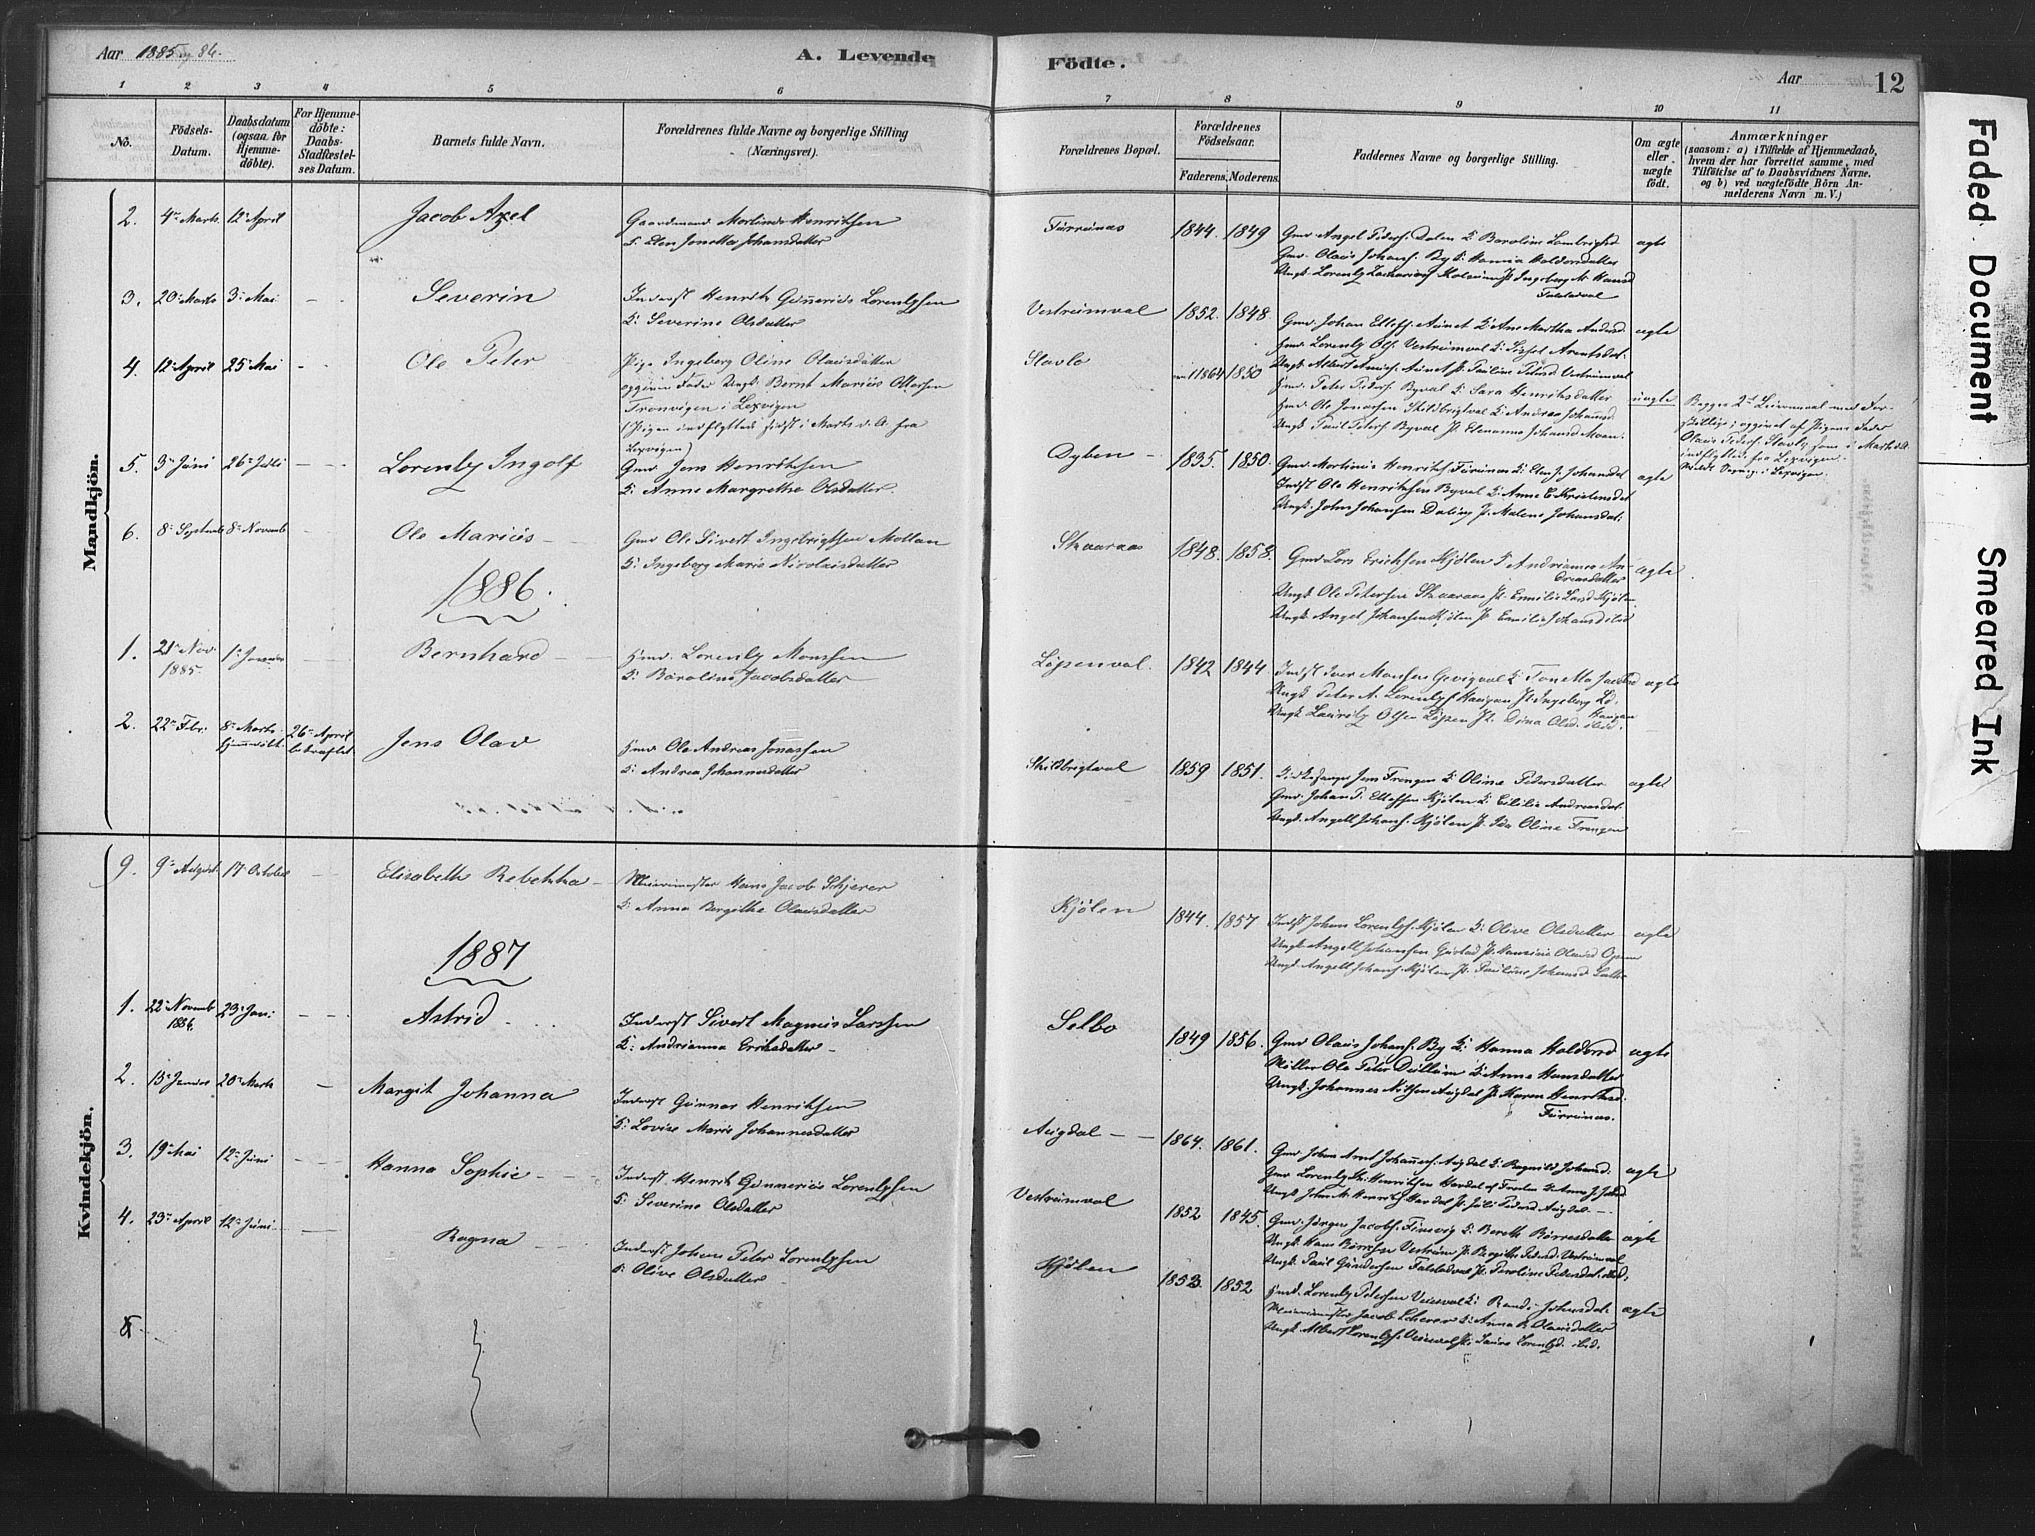 SAT, Ministerialprotokoller, klokkerbøker og fødselsregistre - Nord-Trøndelag, 719/L0178: Ministerialbok nr. 719A01, 1878-1900, s. 12